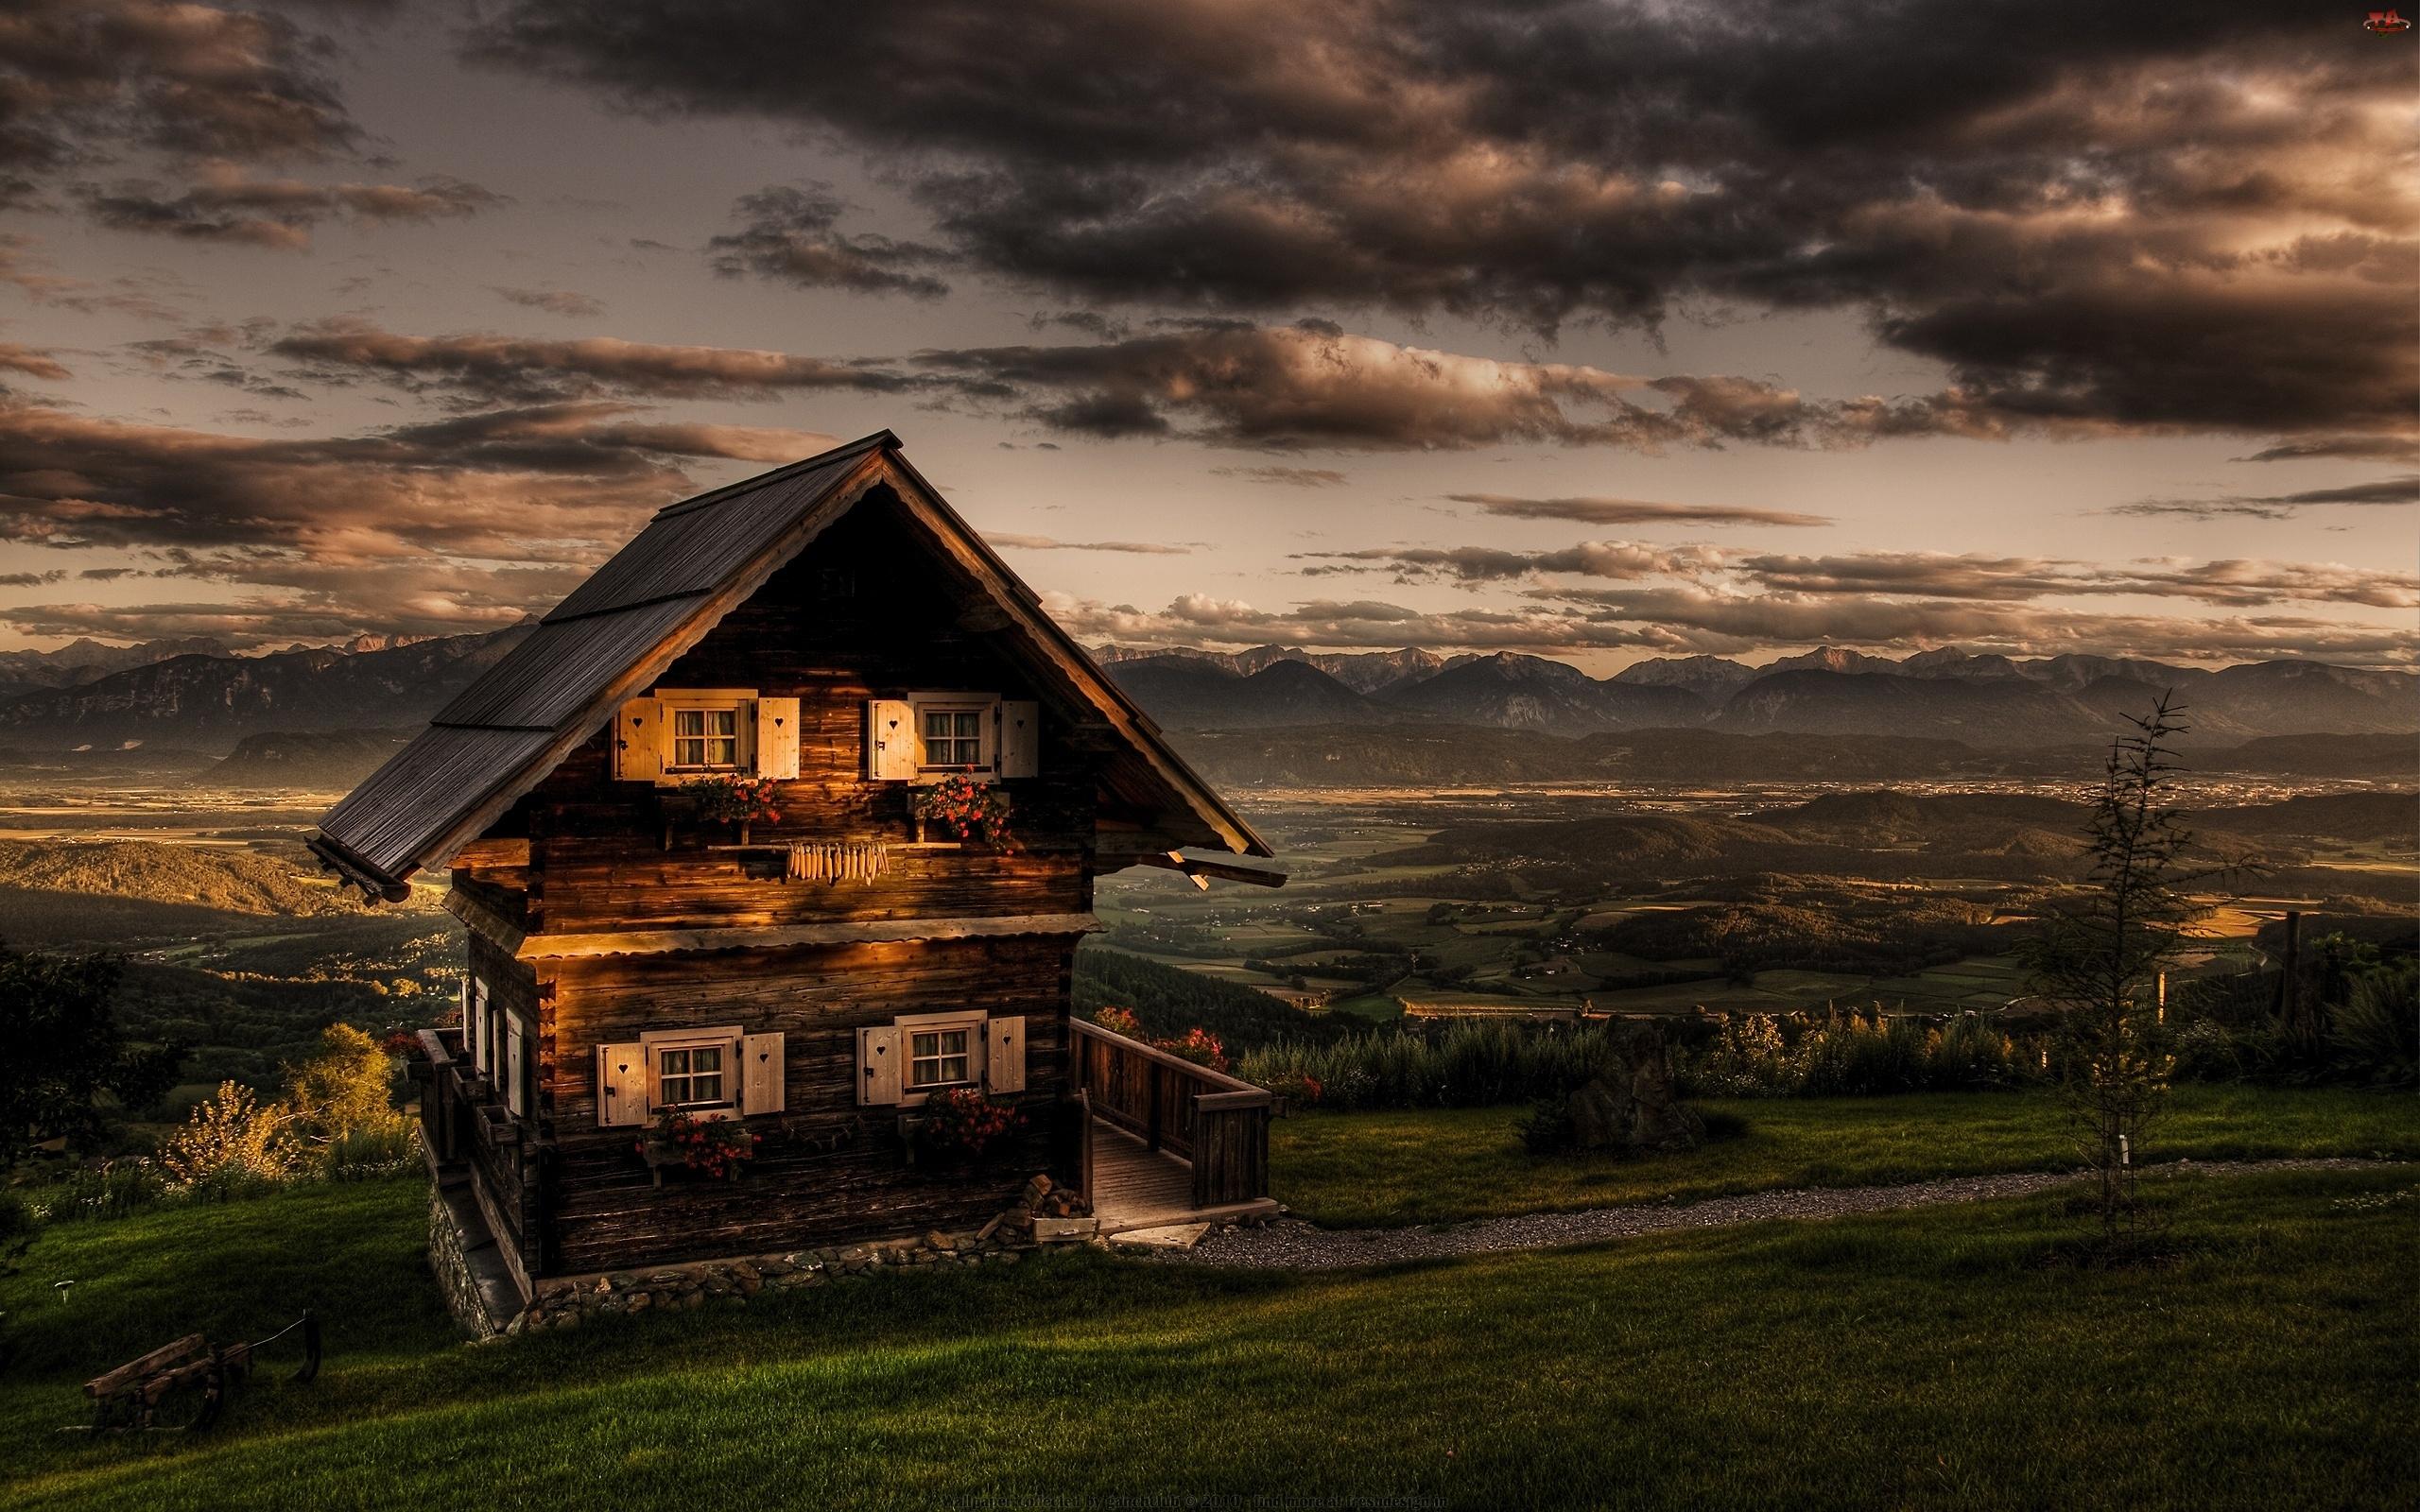 Góry, Drewniany, Na, Domek, Wzgórzu